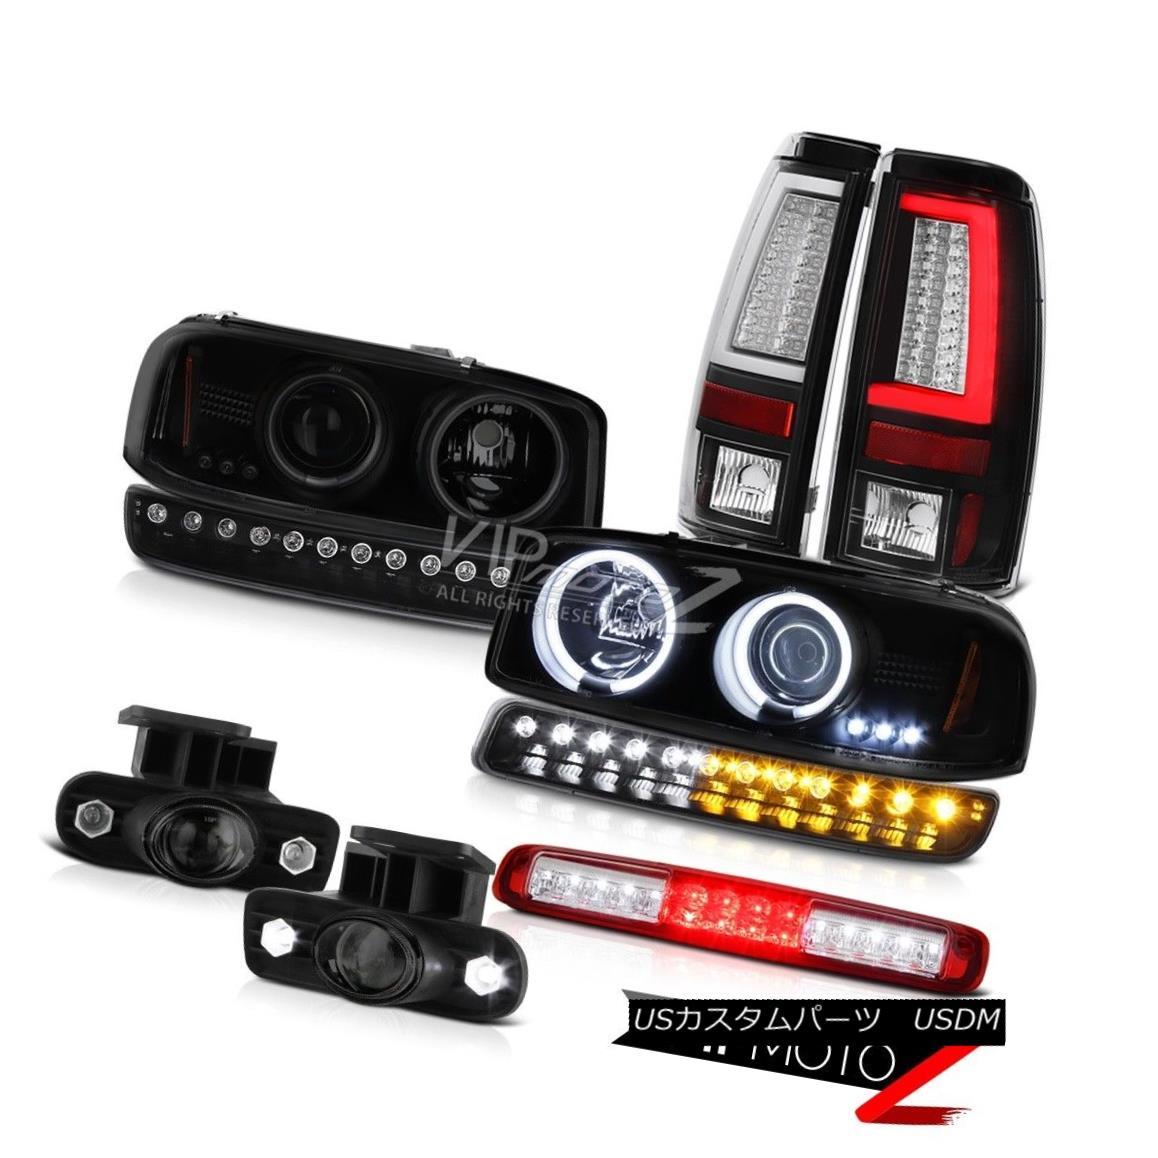 テールライト 99-02 Sierra 6.0L Tail Lamps 3RD Brake Lamp Bumper Foglamps Headlamps Halo Ring 99-02 Sierra 6.0Lテールランプ3RDブレーキランプバンパーフォグランプヘッドランプハローリング